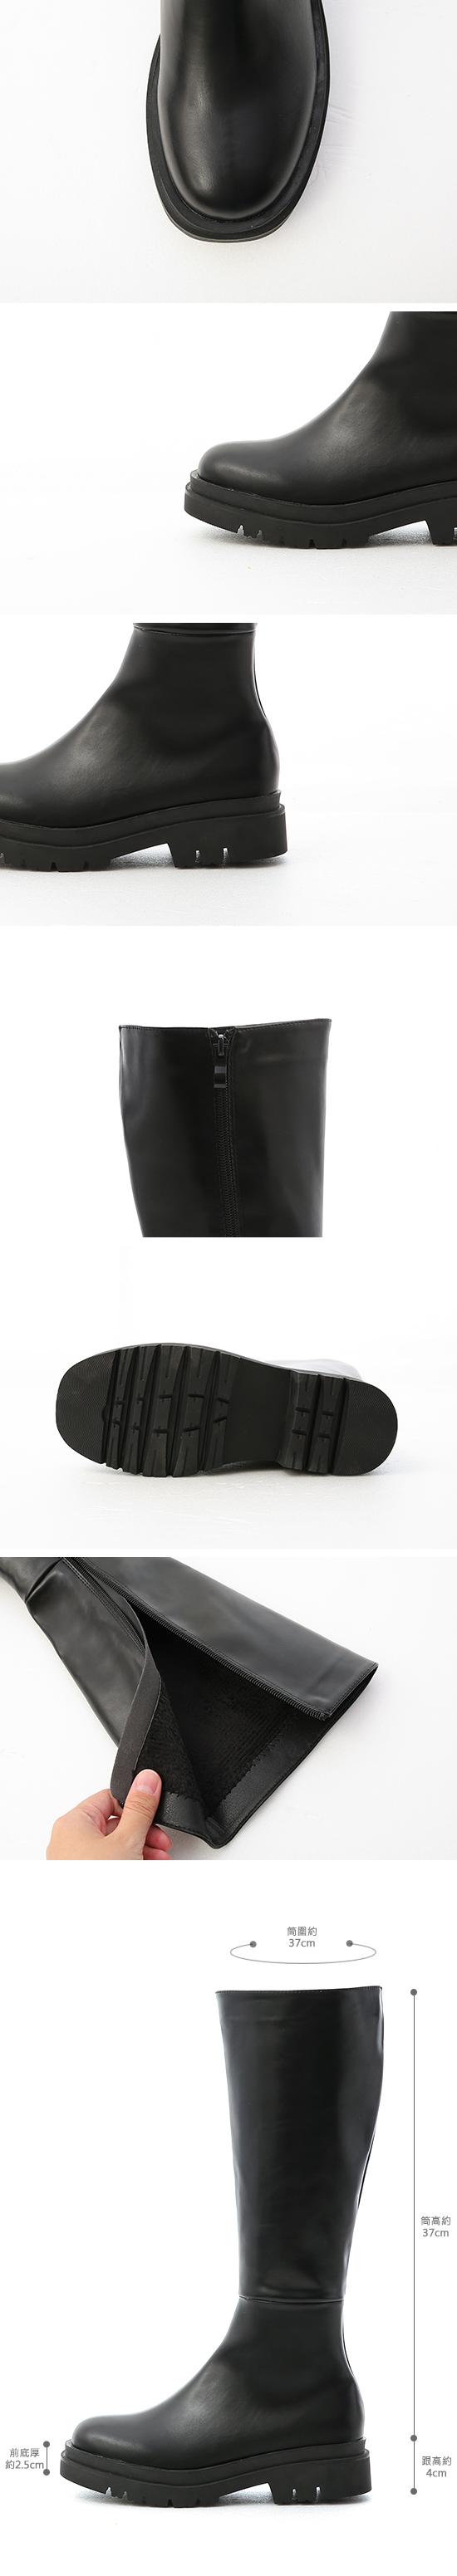 ラウンドトゥロングブーツ ブラック